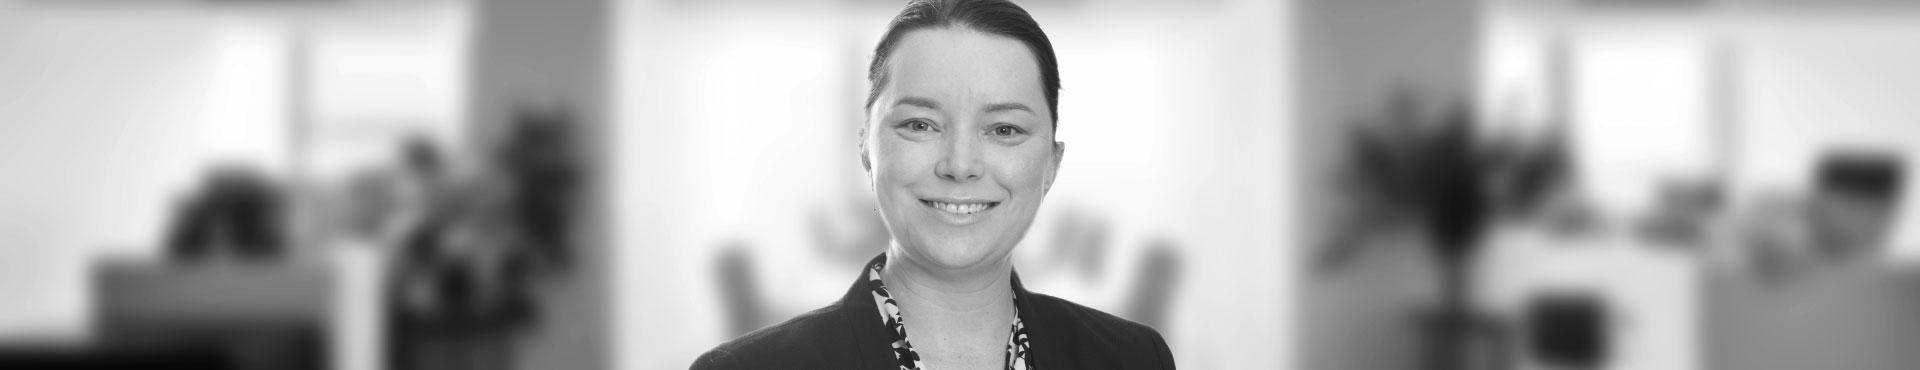 Rebecca O'Toole | Shine Lawyers